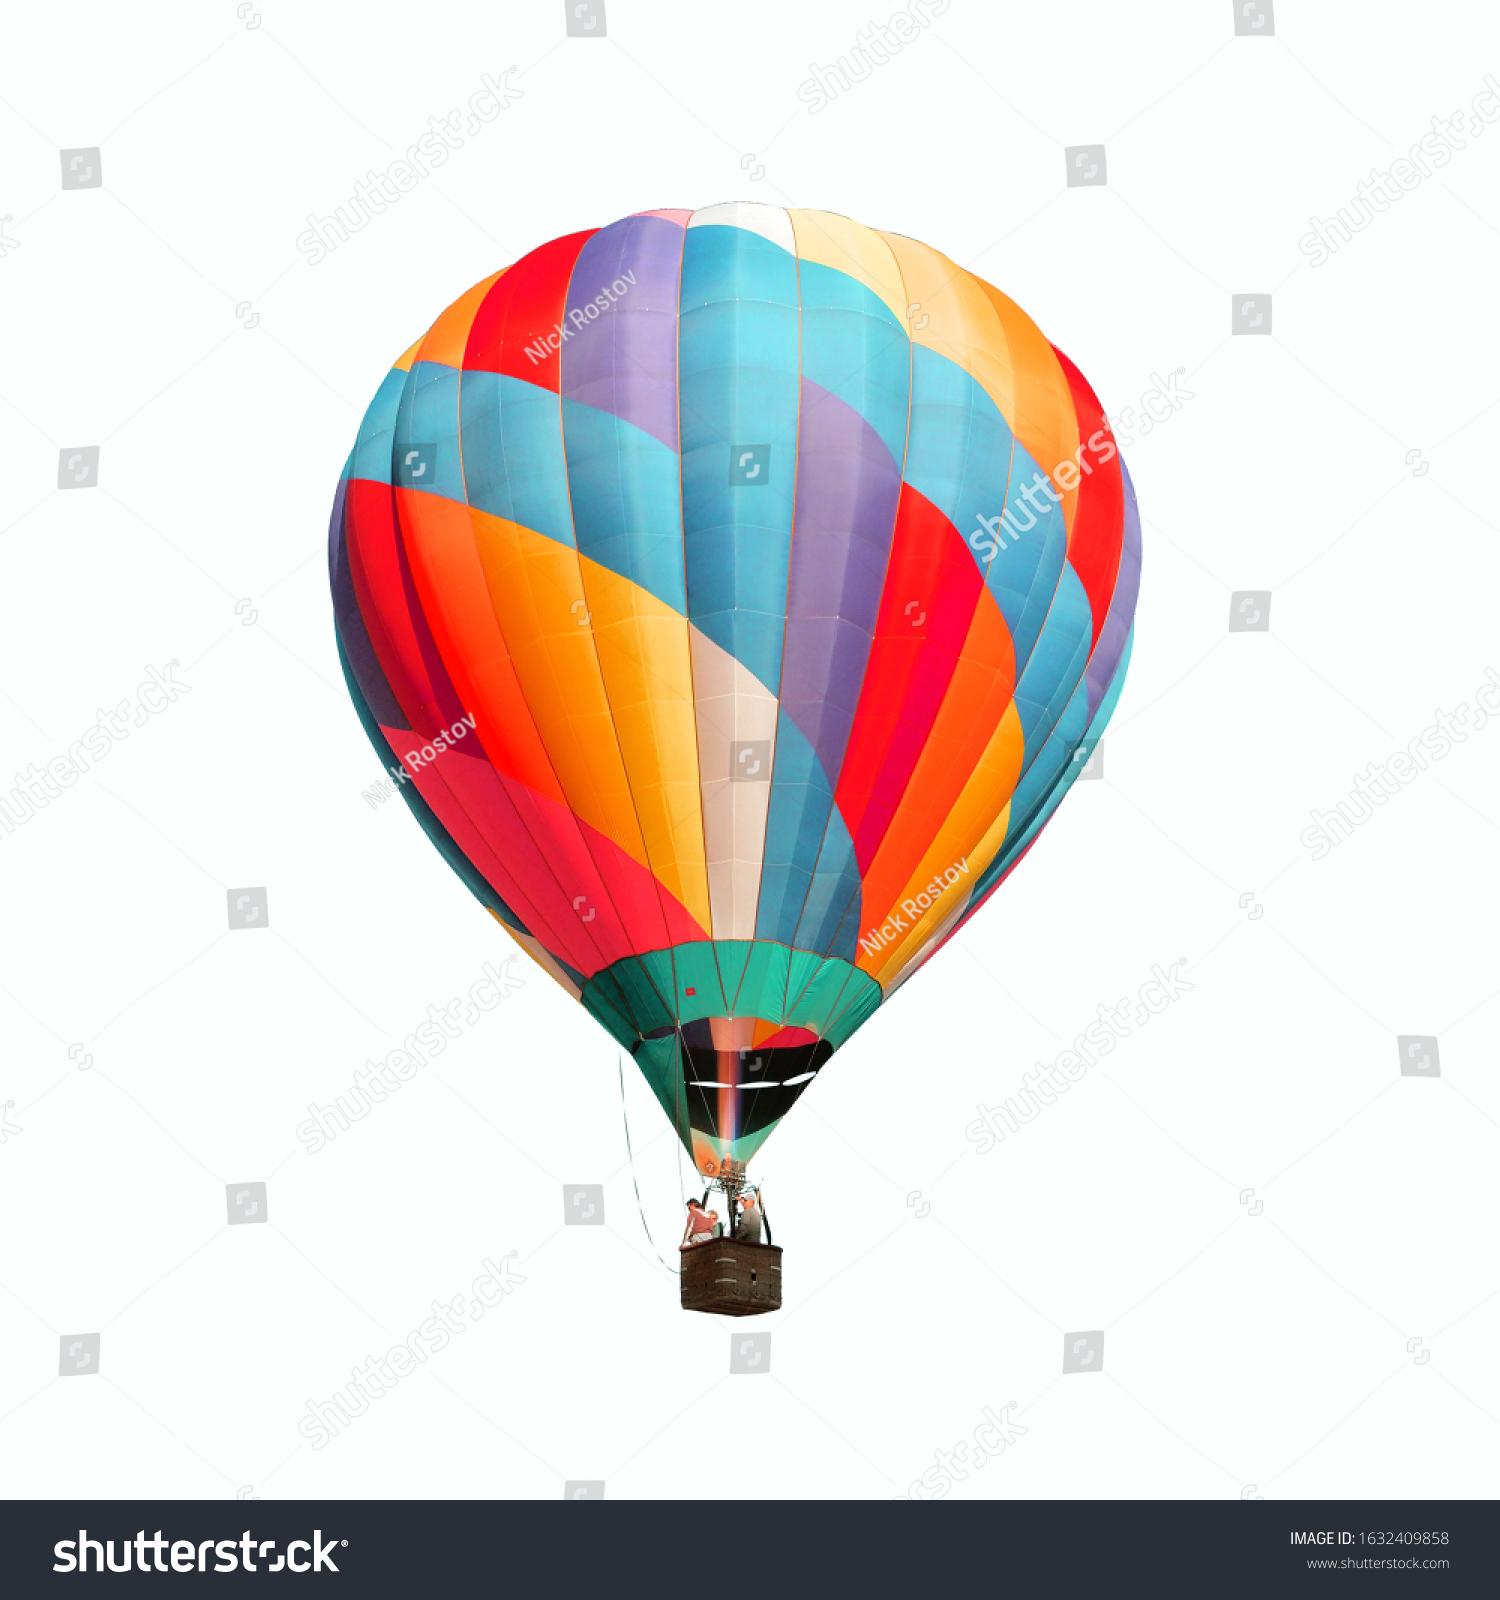 stock-photo-balloon-aeronautics-isolated